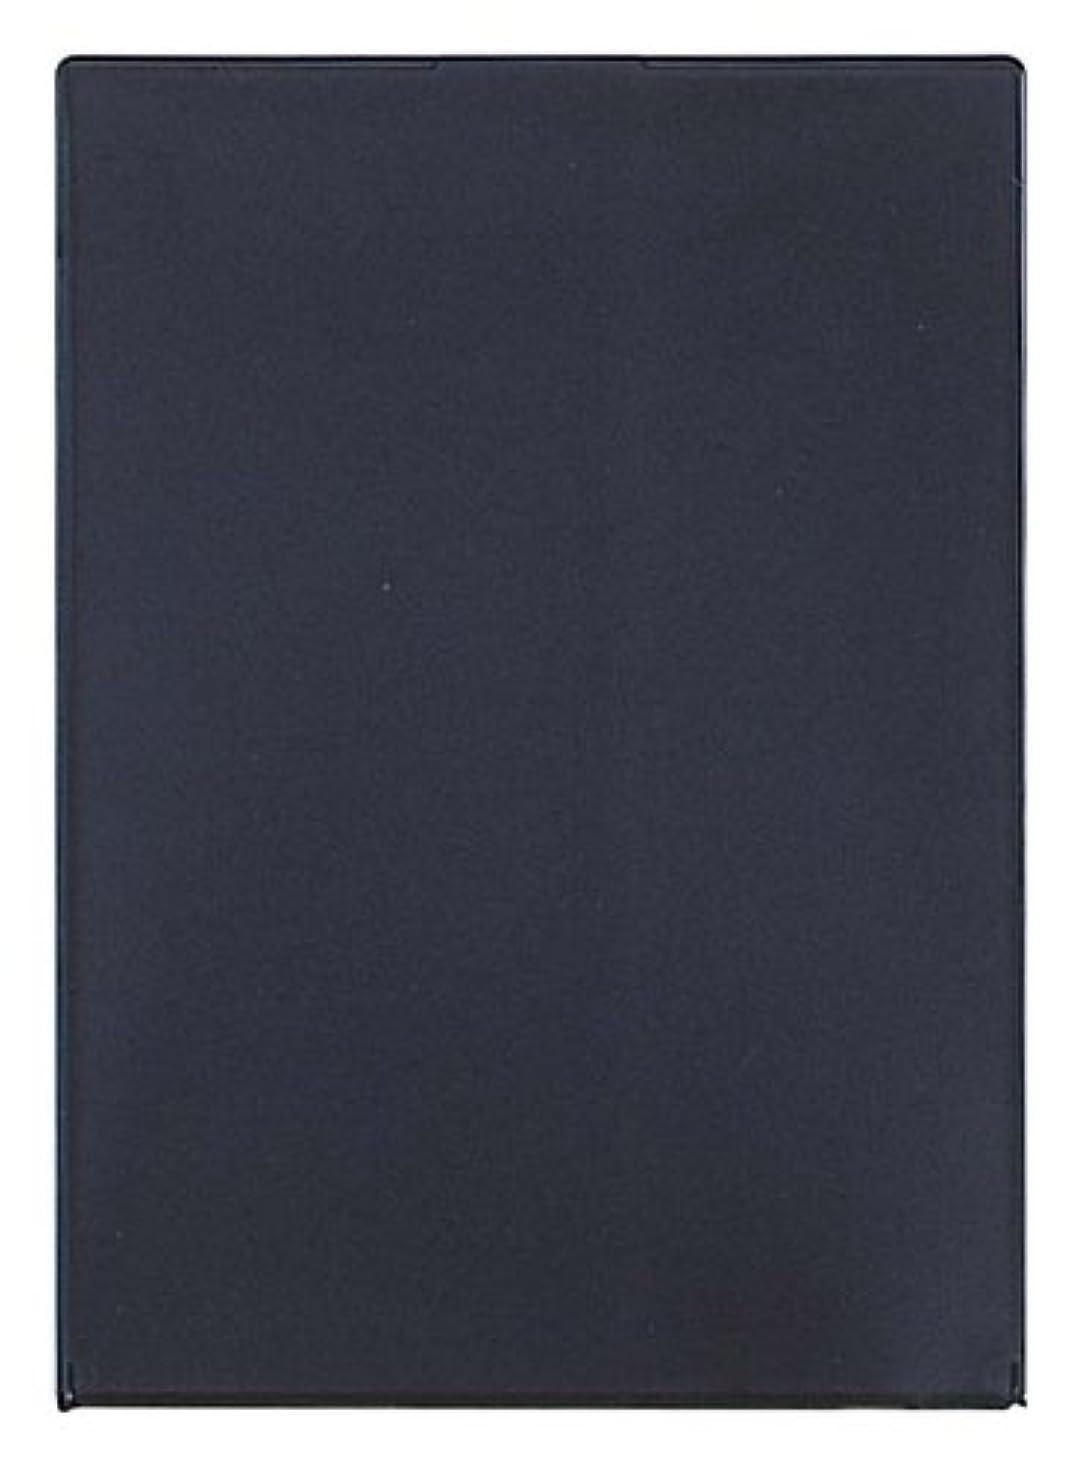 脆いトライアスロンボンドビブレ角型コンパクトミラーLL ブラック Y-1207